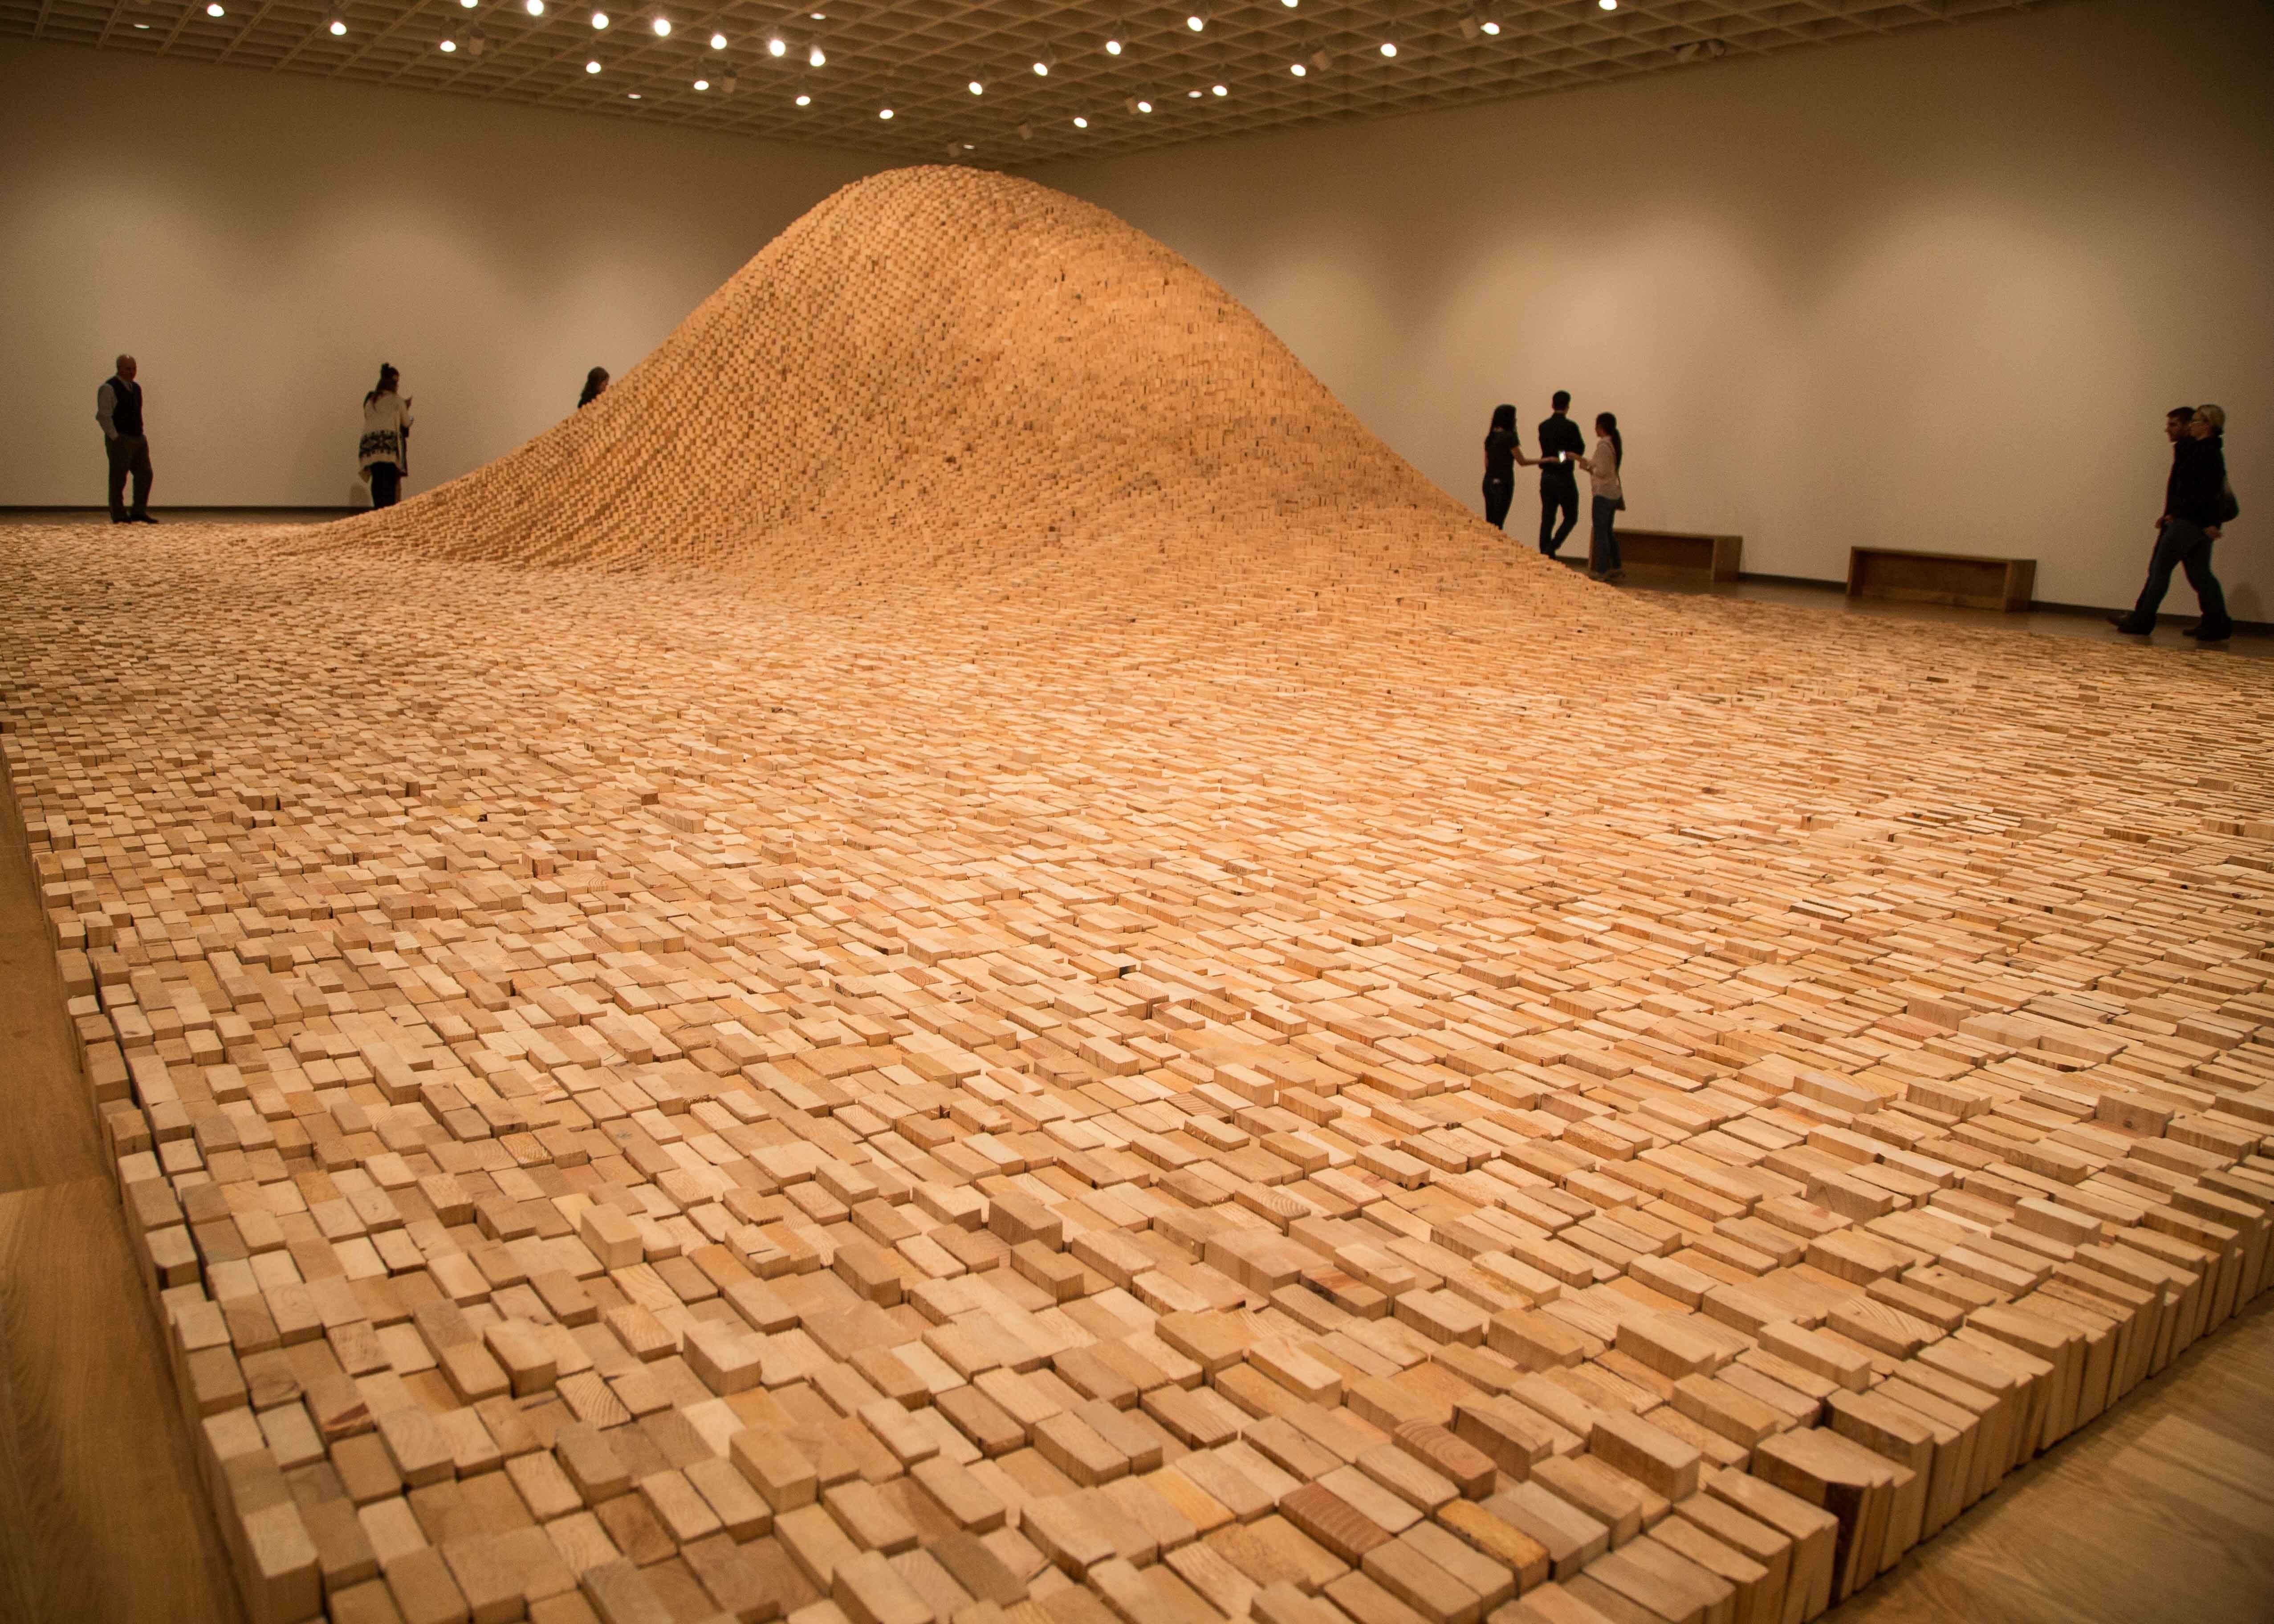 """Maya Lin, 2 x 4 Landscape, 2006, SFI certified wood 2 x 4s, 10' x 53'4"""" x 35', © Maya Lin Studio - NICHOLAS TRAVAGLINI"""